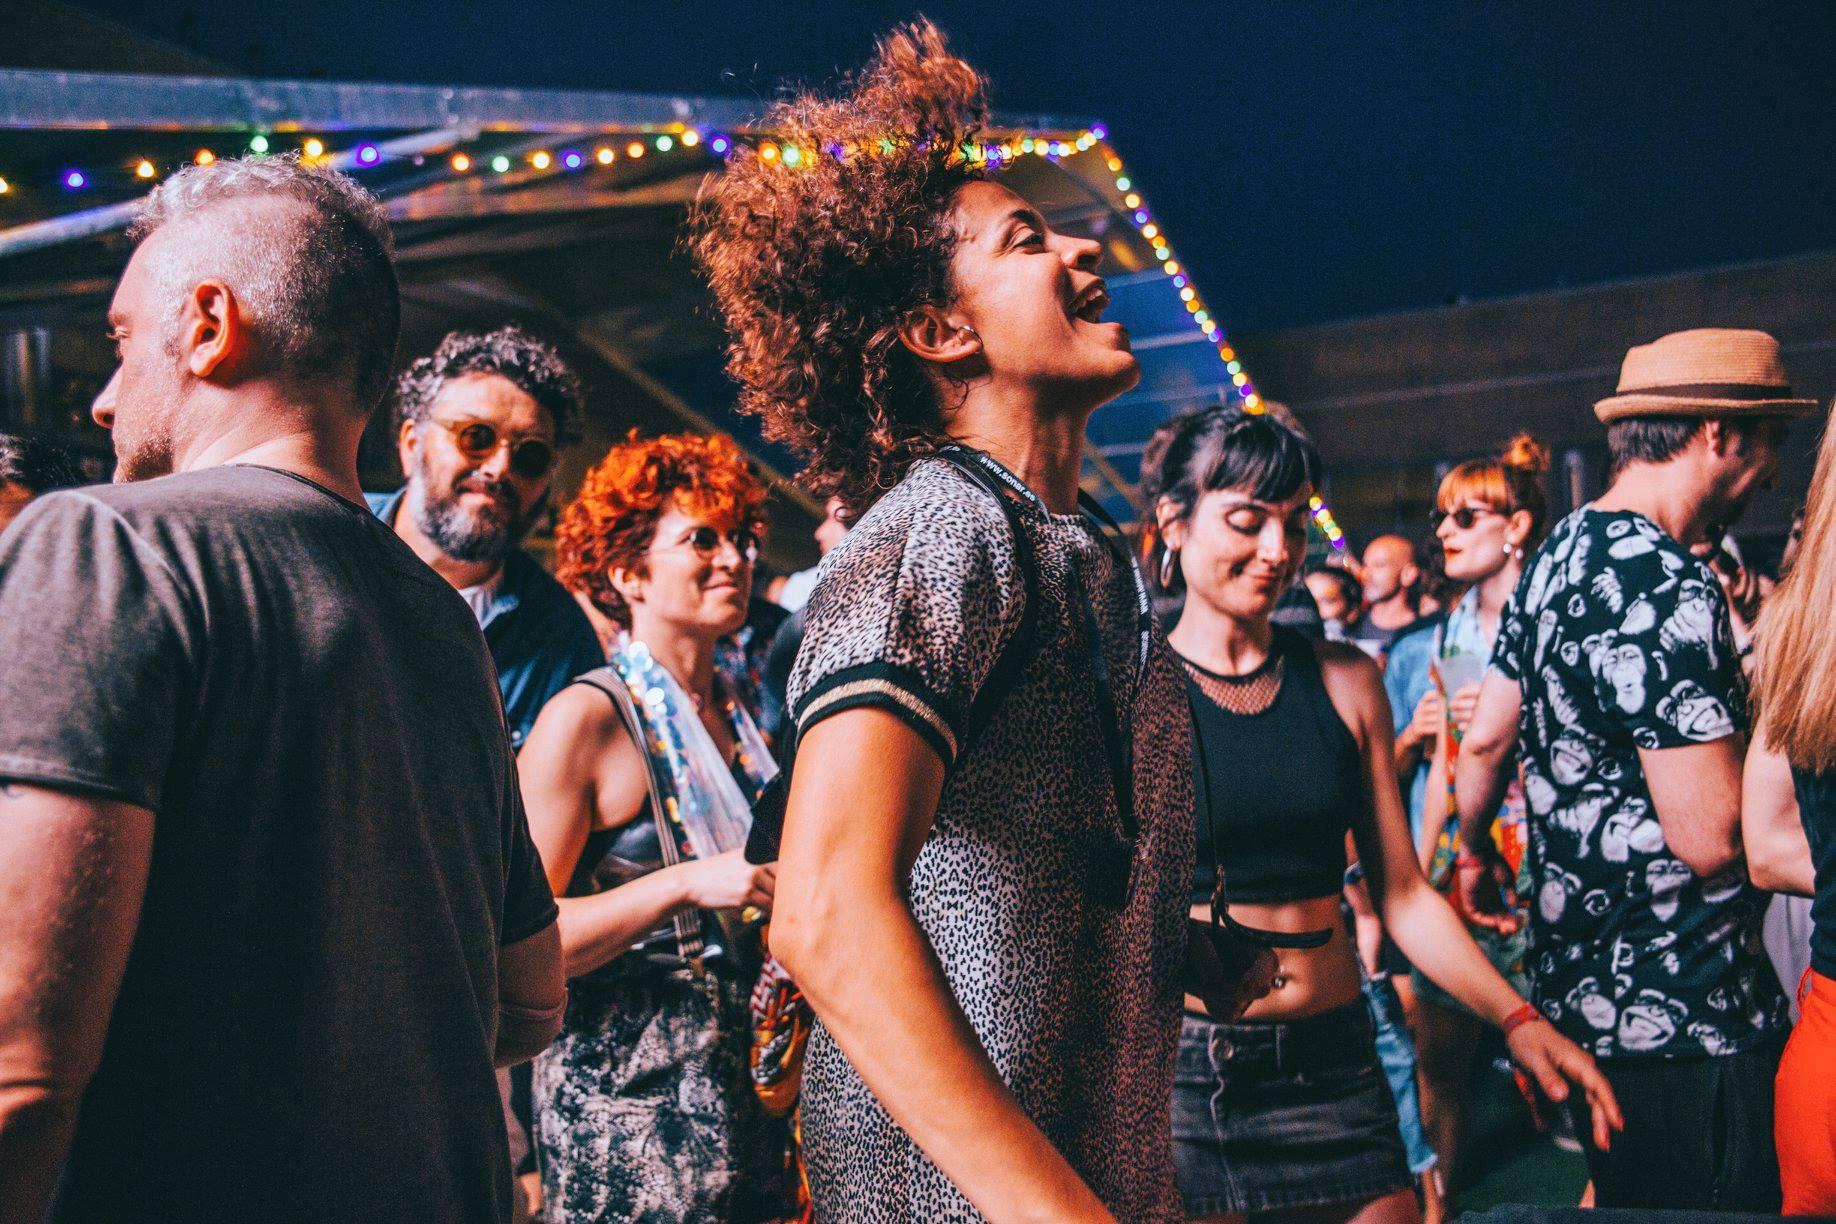 festival-sonar-electronica-barcelona-llega-mexico